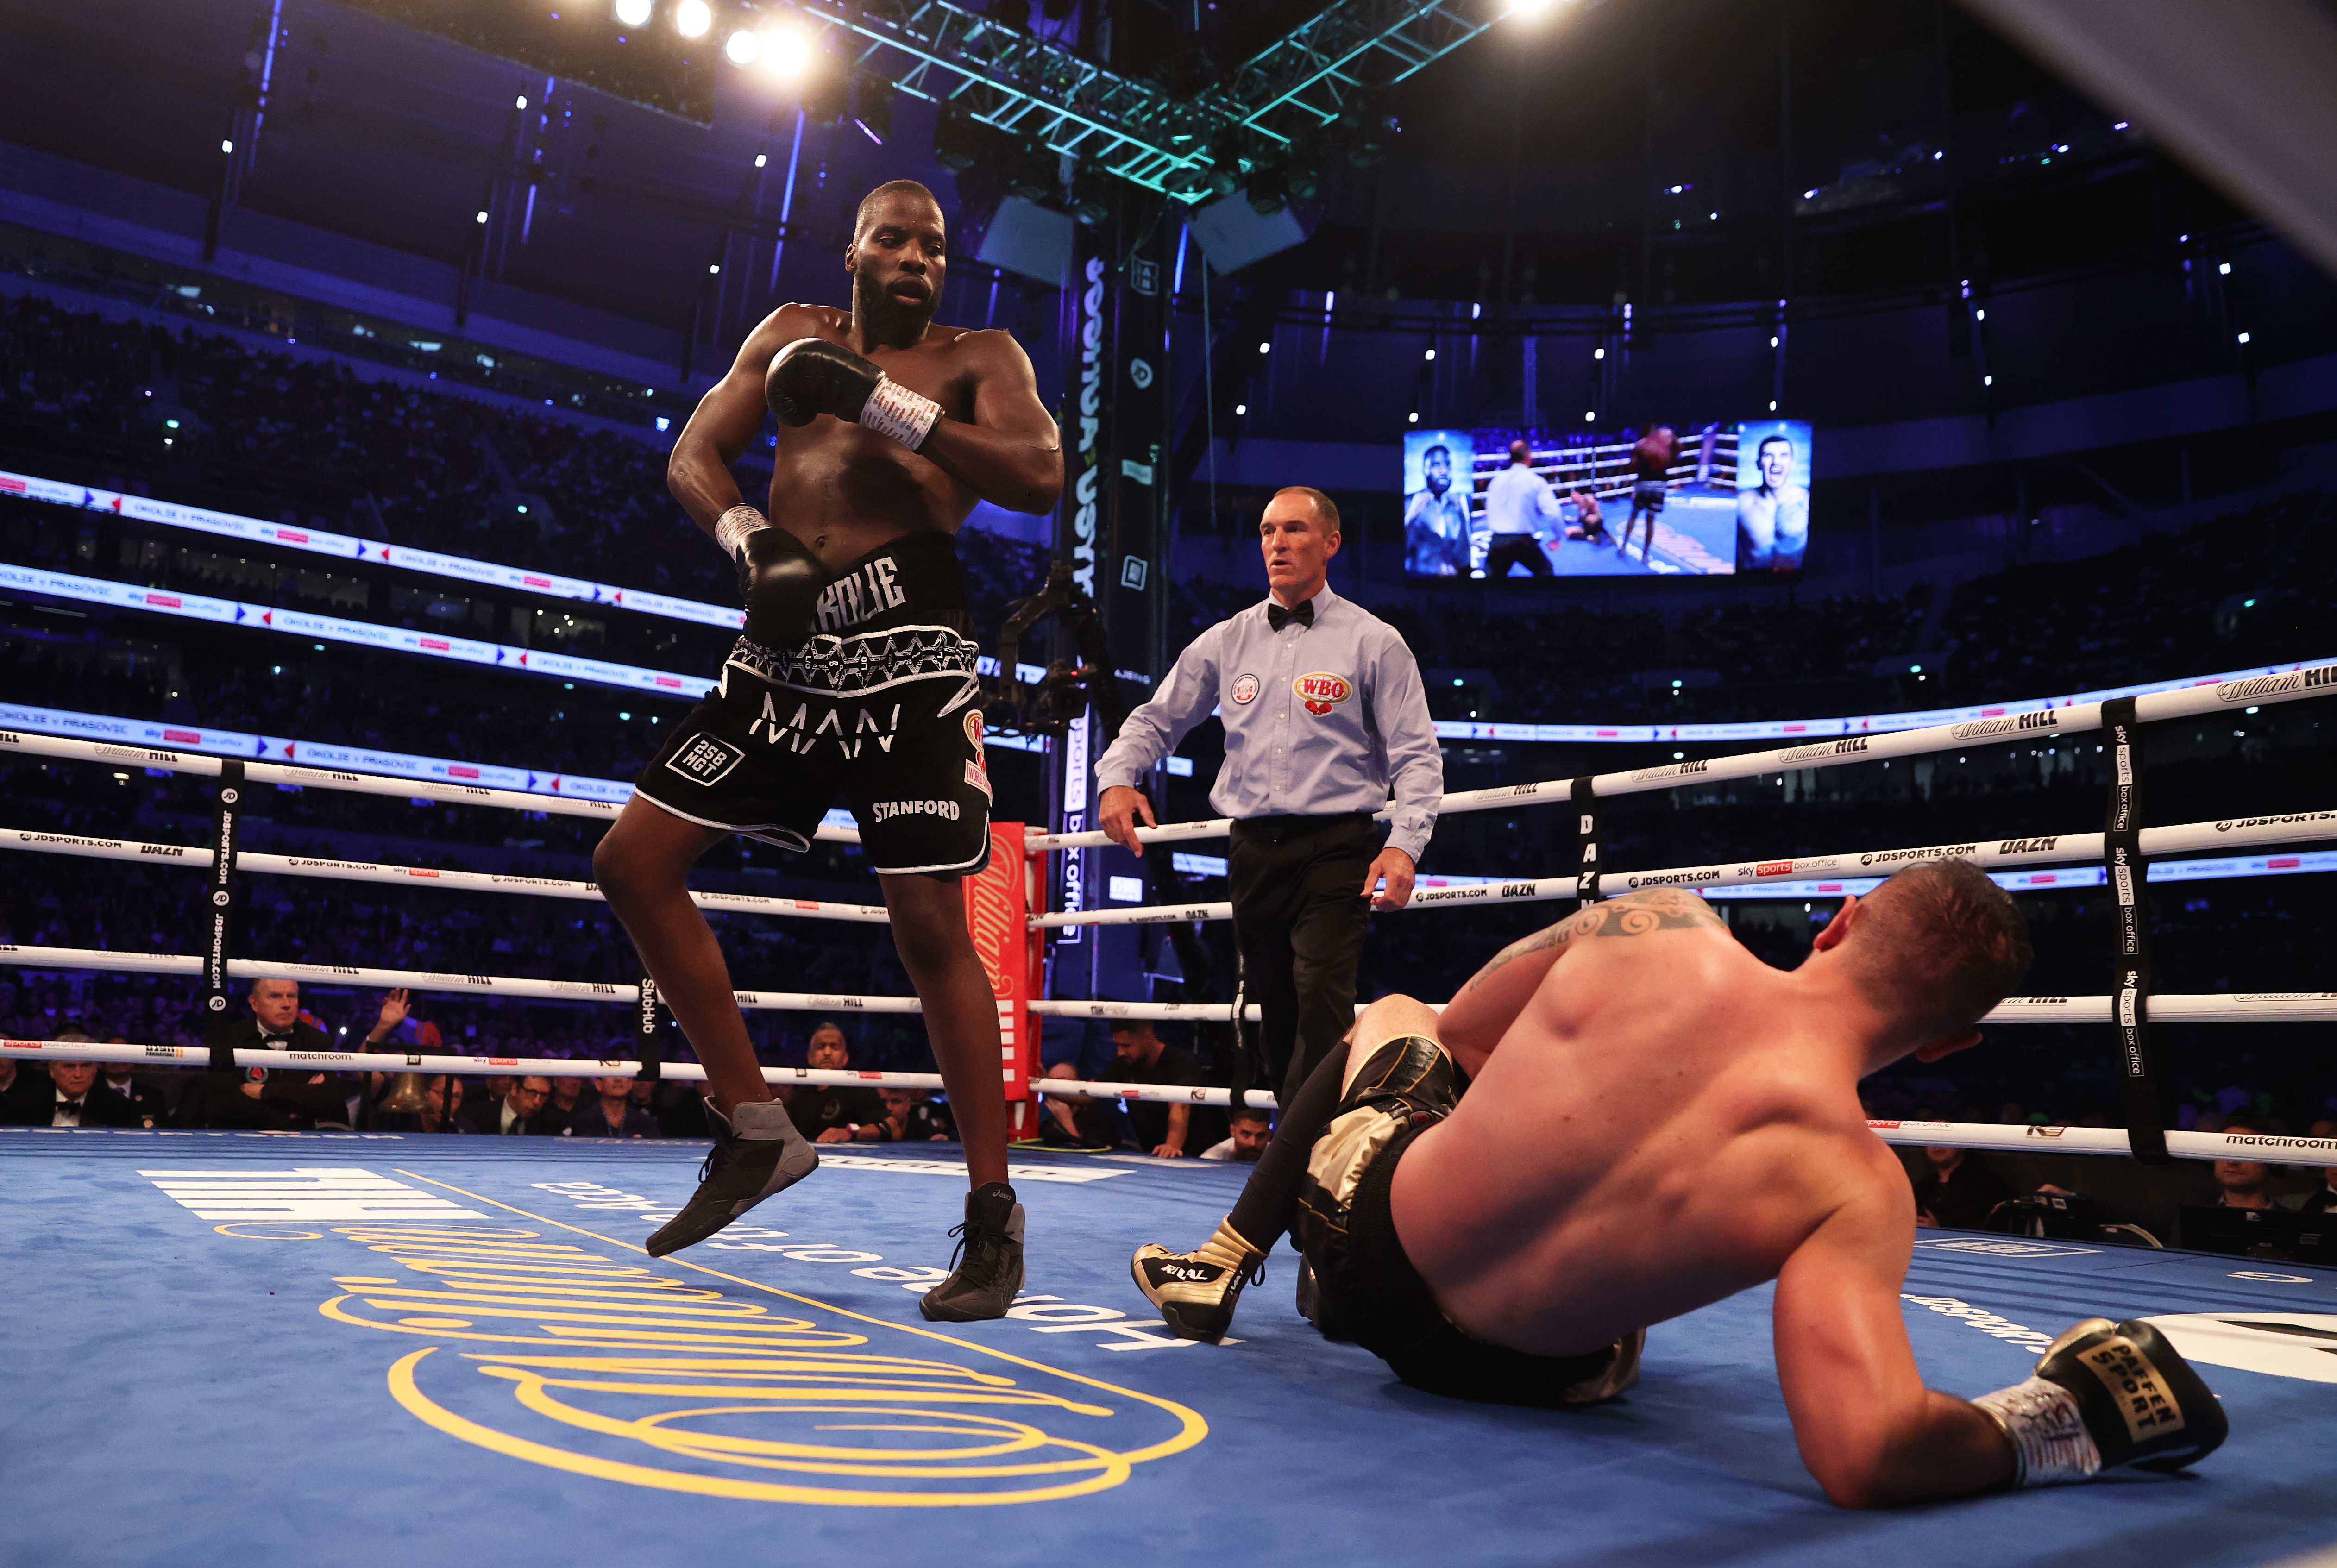 Anthony Joshua v Oleksandr Usyk - Heavyweight Title Fight